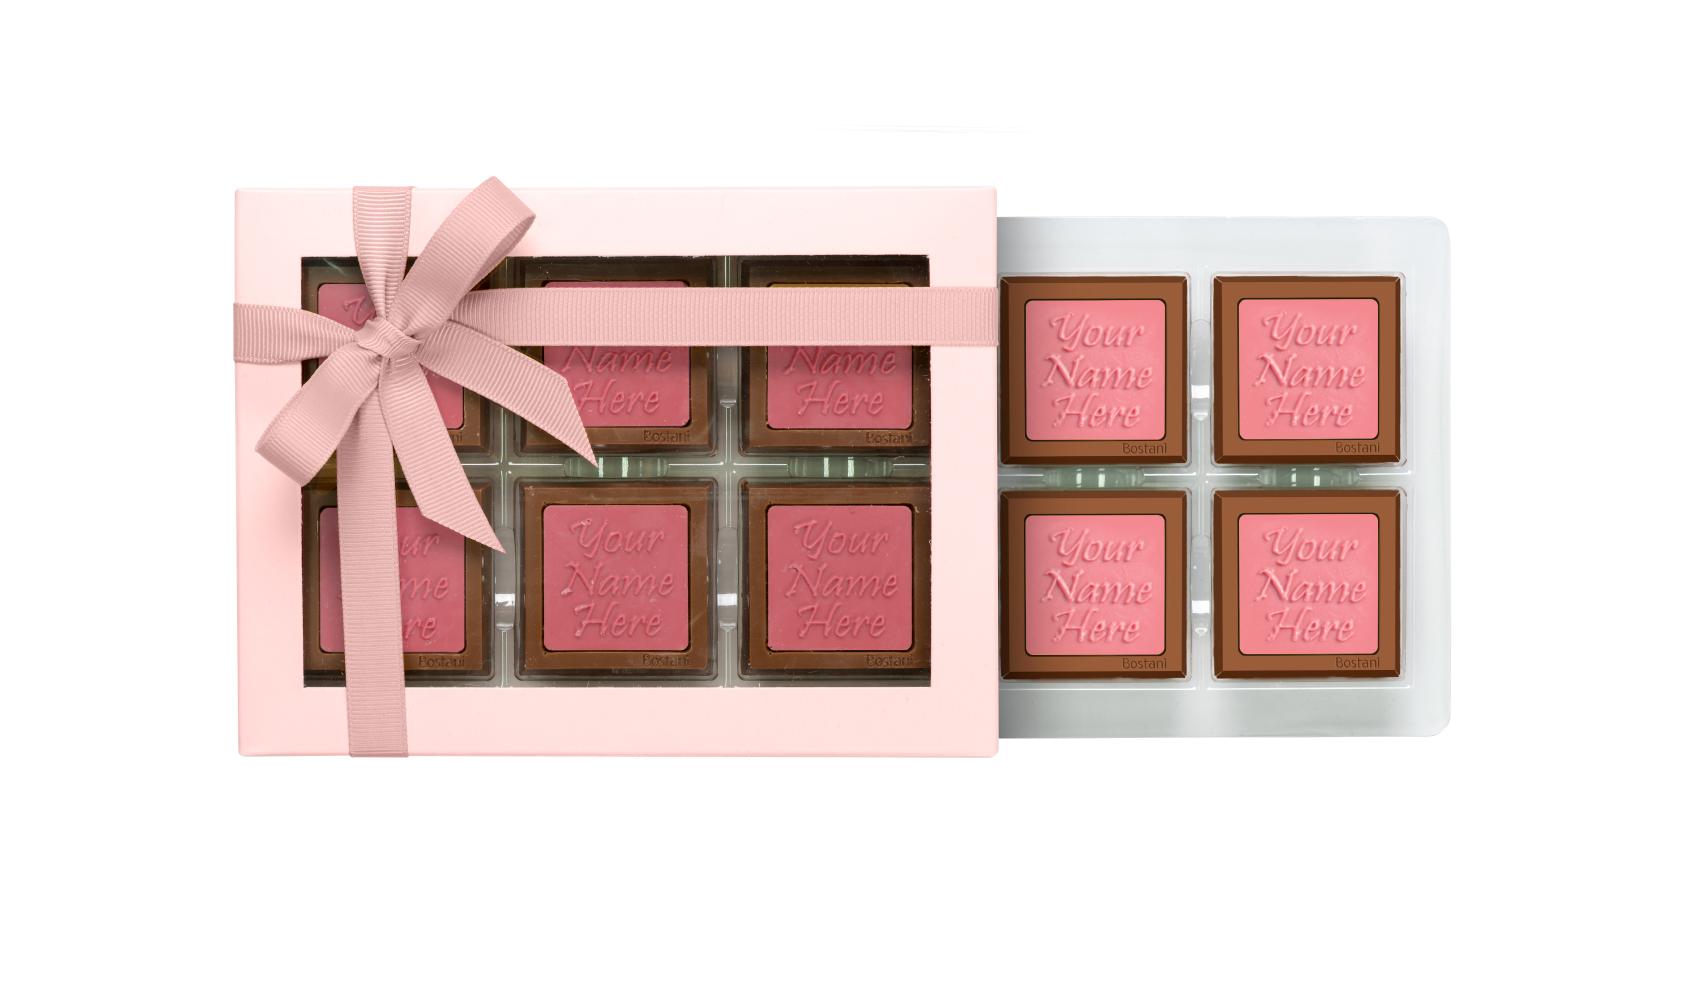 علبة الشوكولا الشفافة (6 قطع شوكولا) وردي